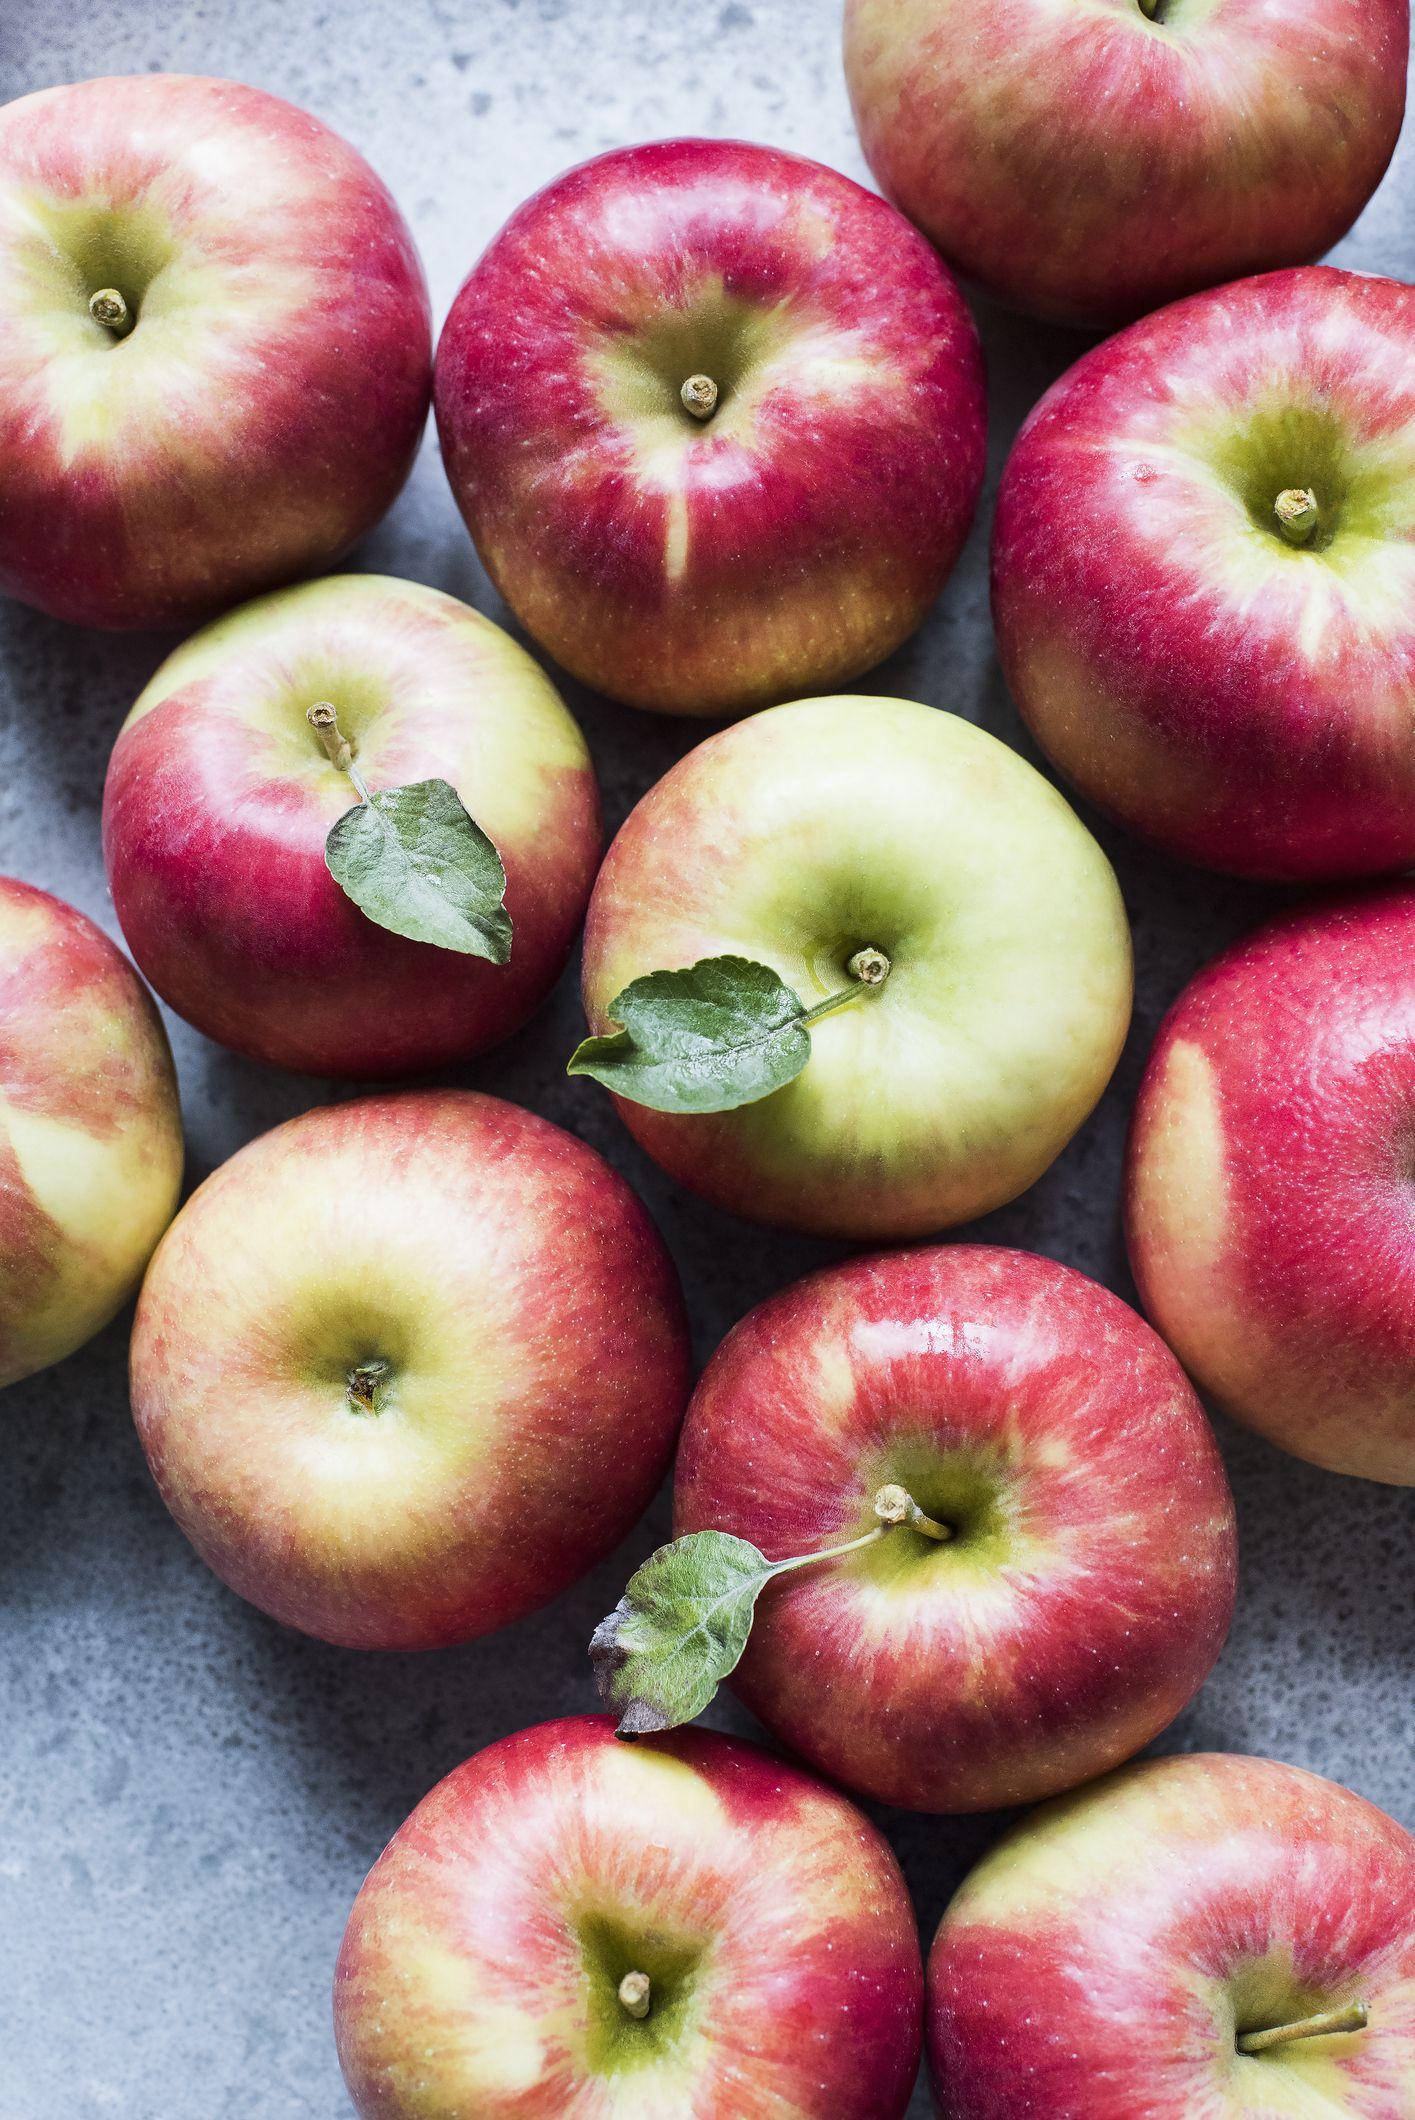 Red Honeycrisp apples, overhead view